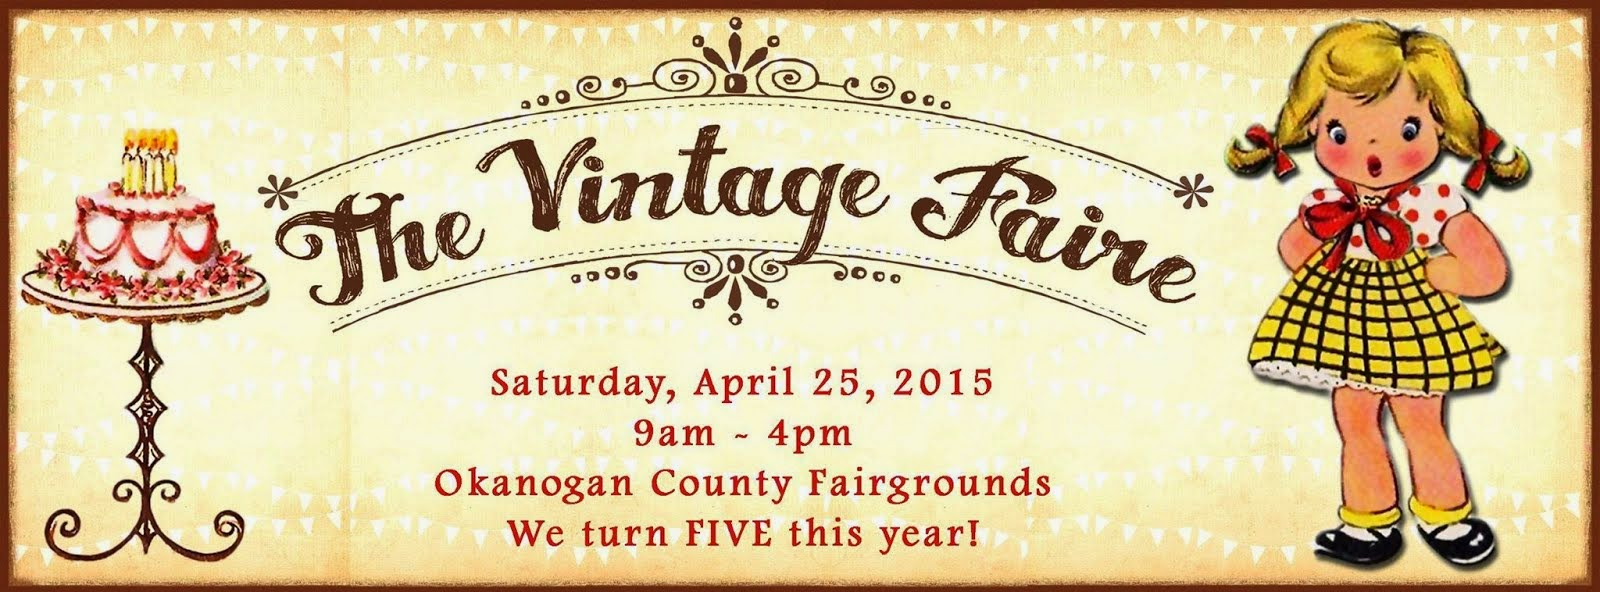 The Vintage Faire 2015